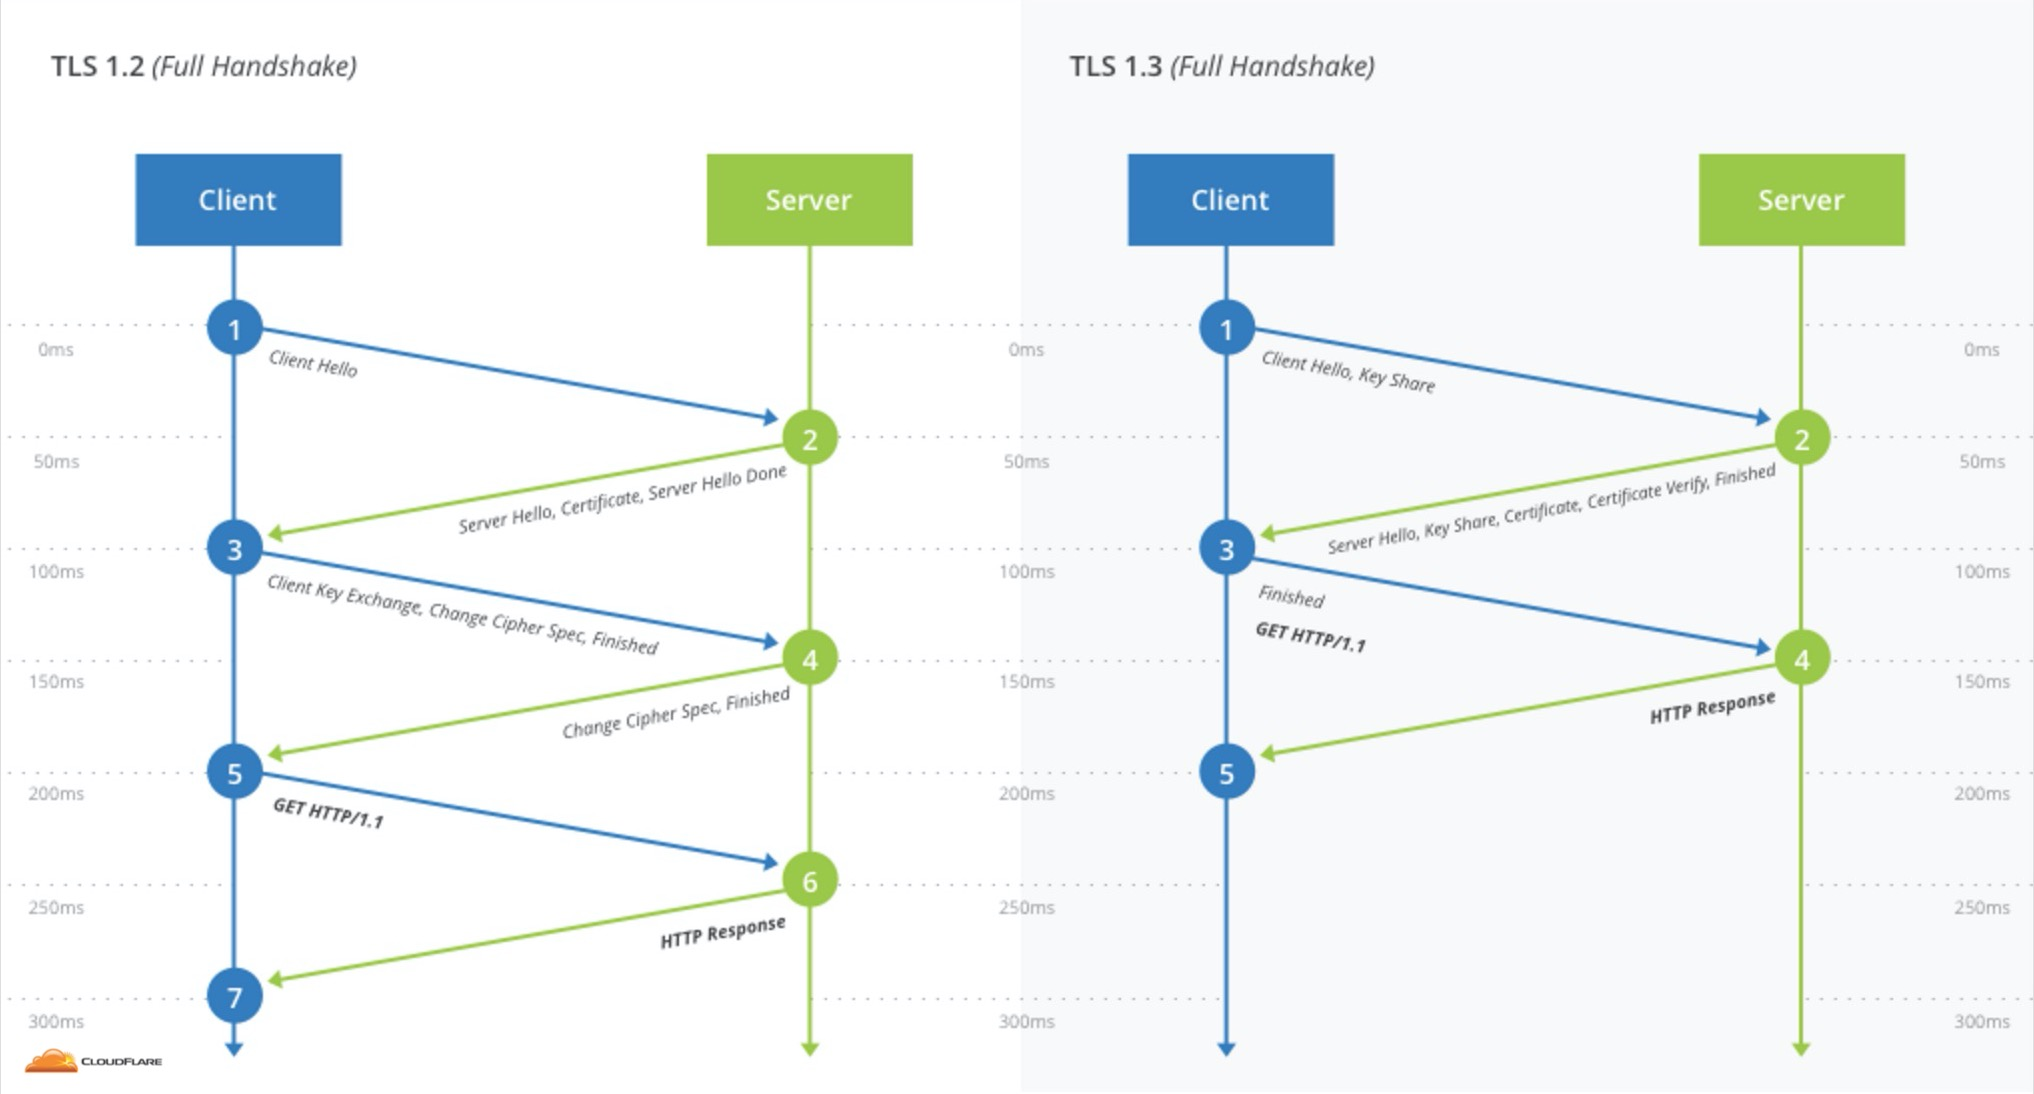 TLS 1.3 vs TLS 1.2